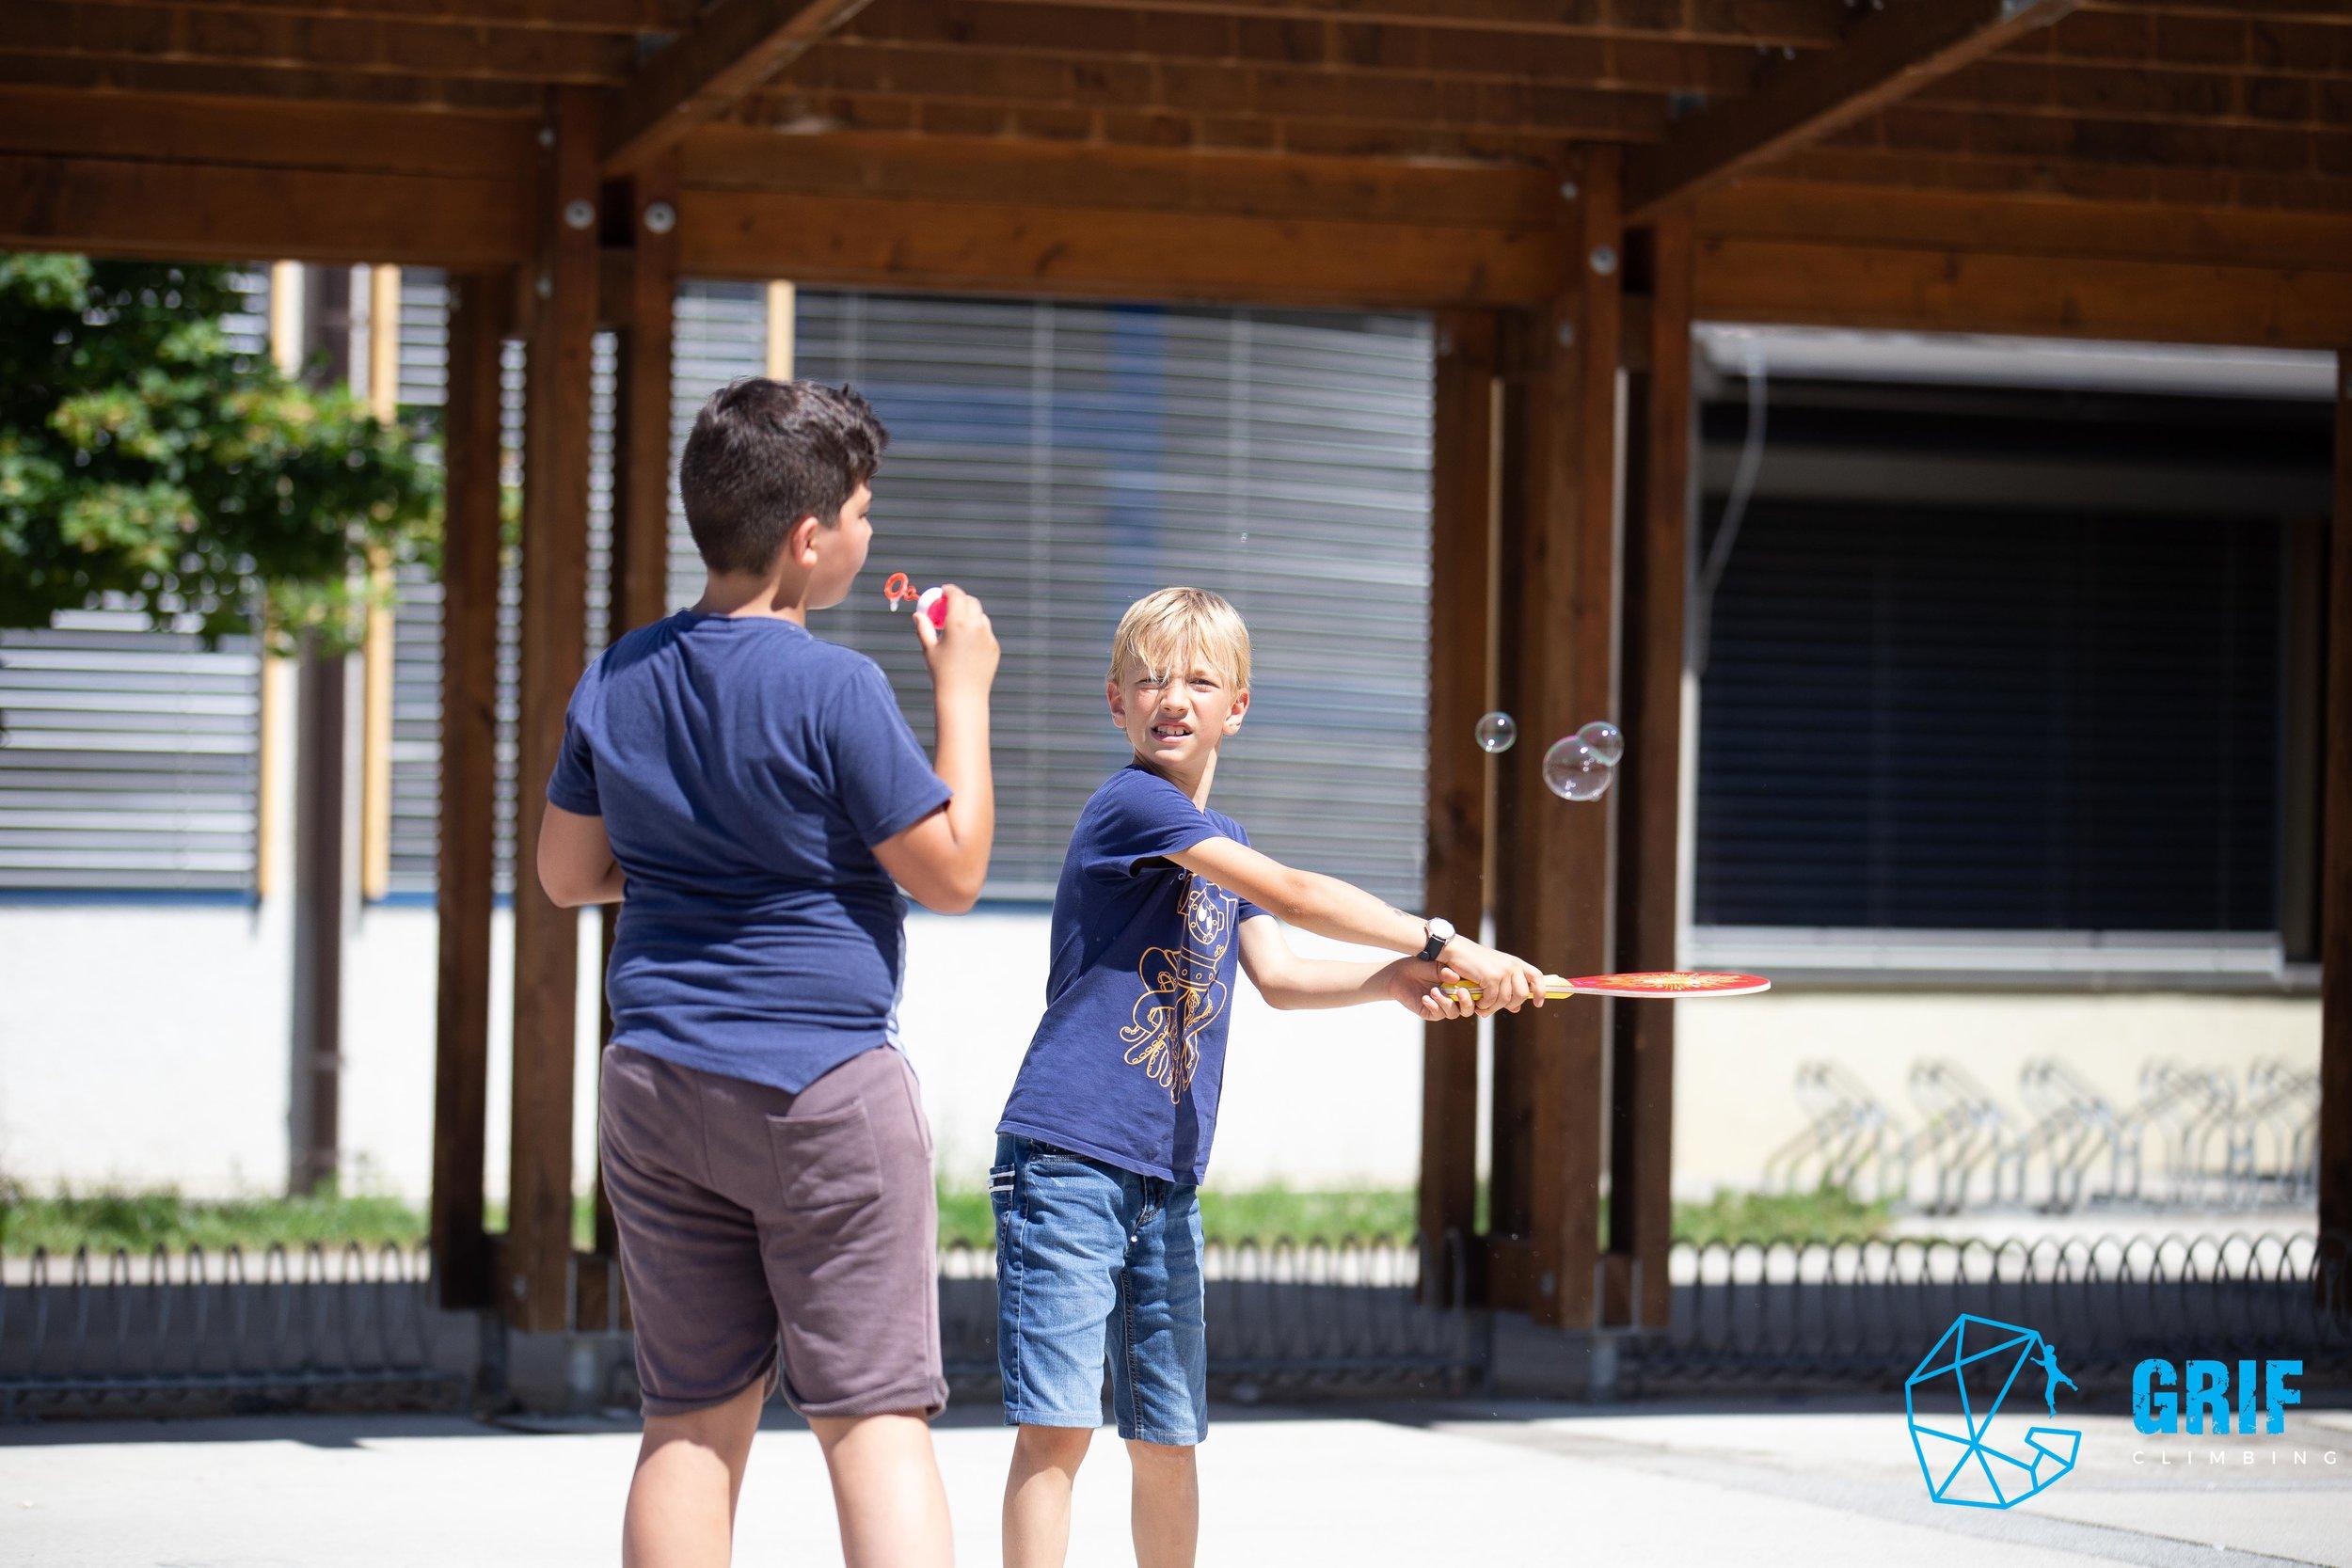 Aktivno počitniško varstvo za otroke Plezalno društvo Grif22.jpg